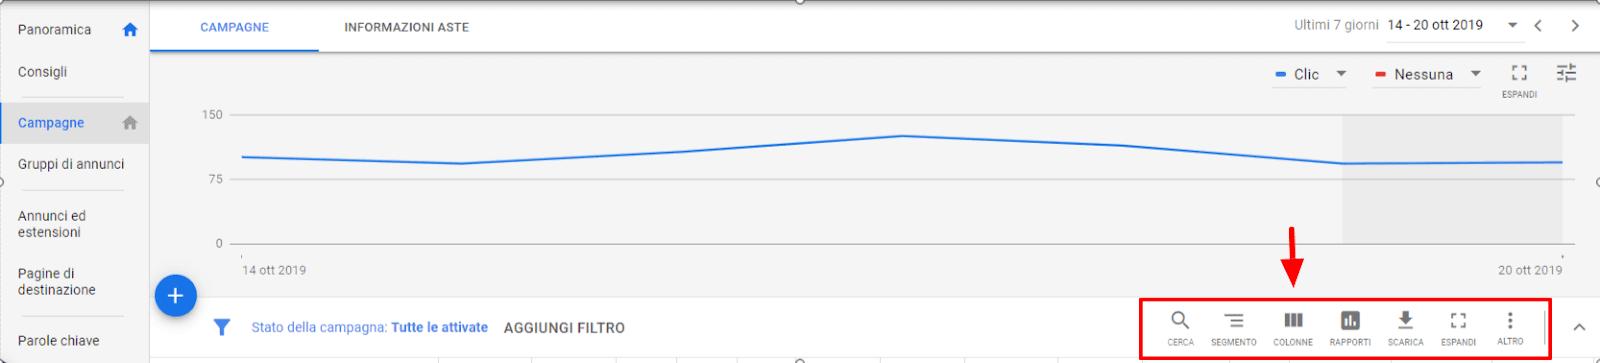 Metriche Google Ads - Dove trovarle